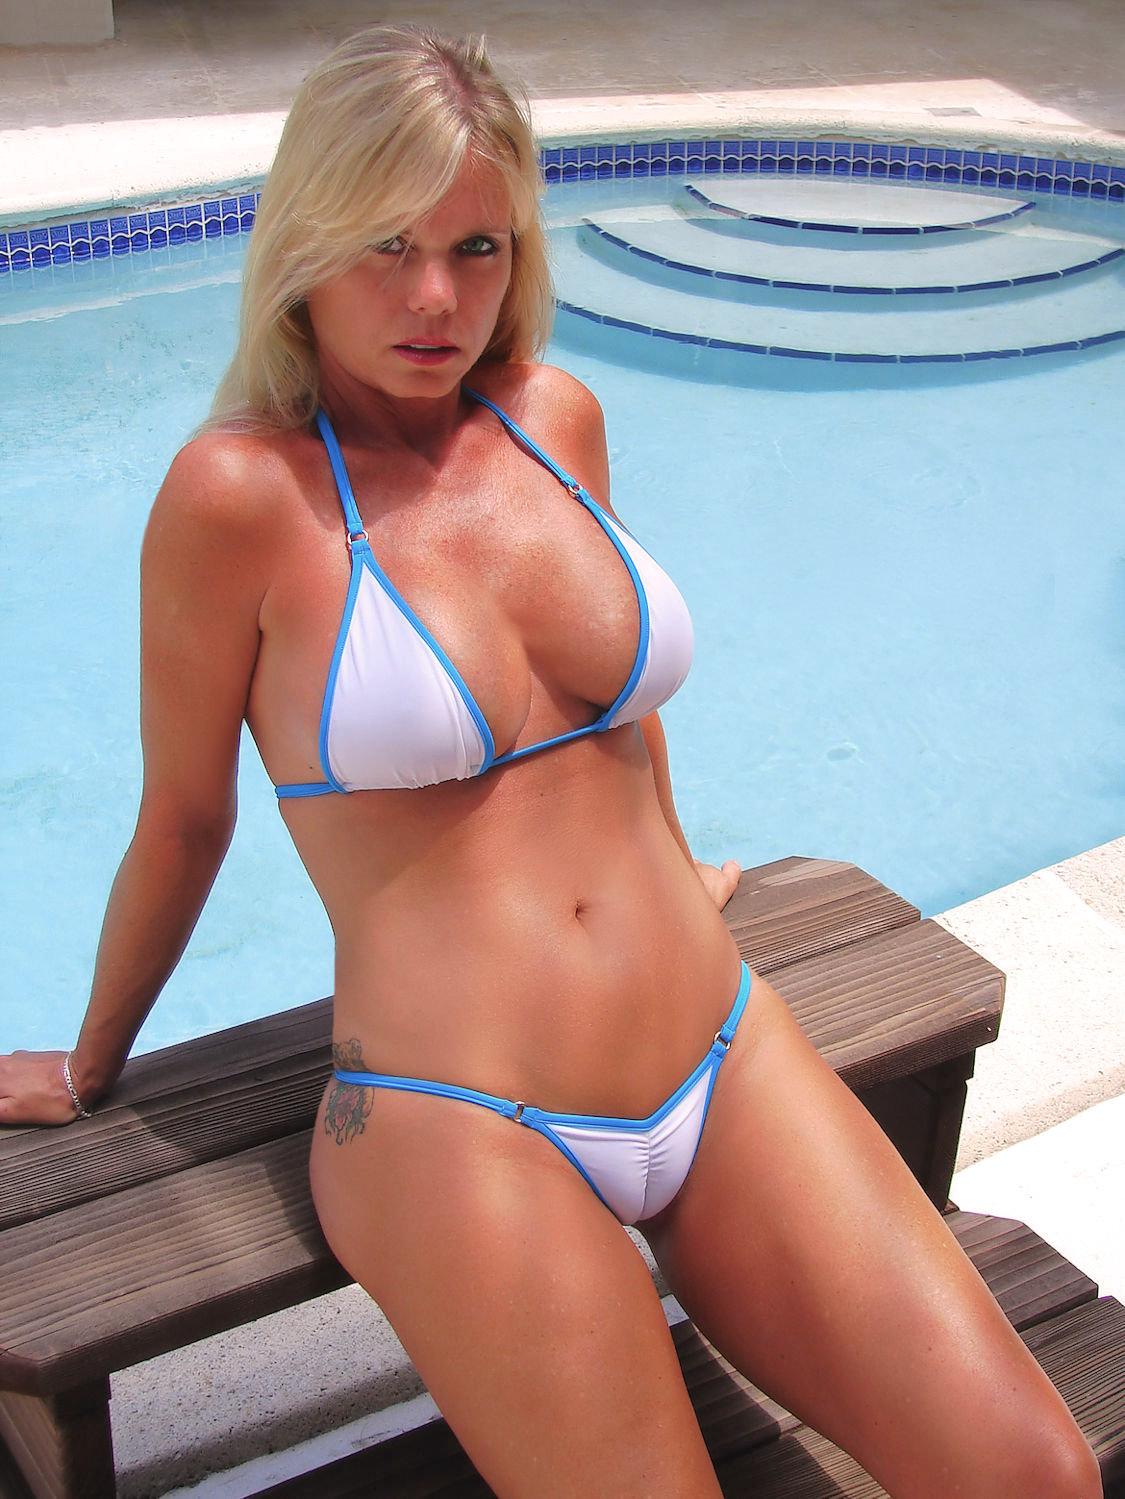 Micro bikini customer pics String Bikinis Micro Bikinis Extreme Bikinis From Dunera Bikinis